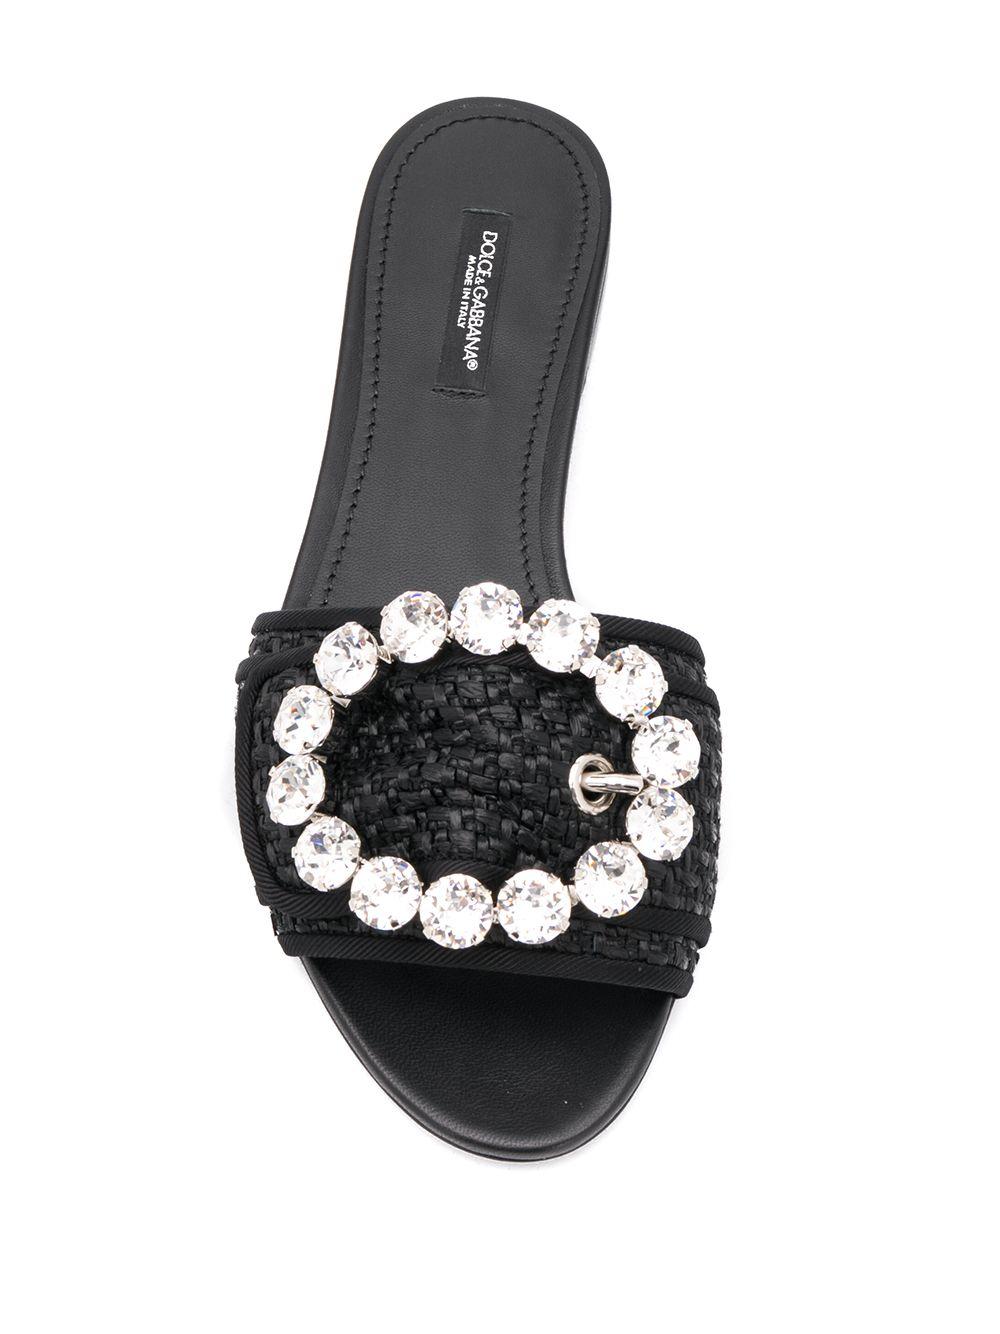 sandalo a cibatta in pelle e raffia nera con applicazione di cristalli swarovski DOLCE & GABBANA   Scarpa   CQ0291-AA71080999